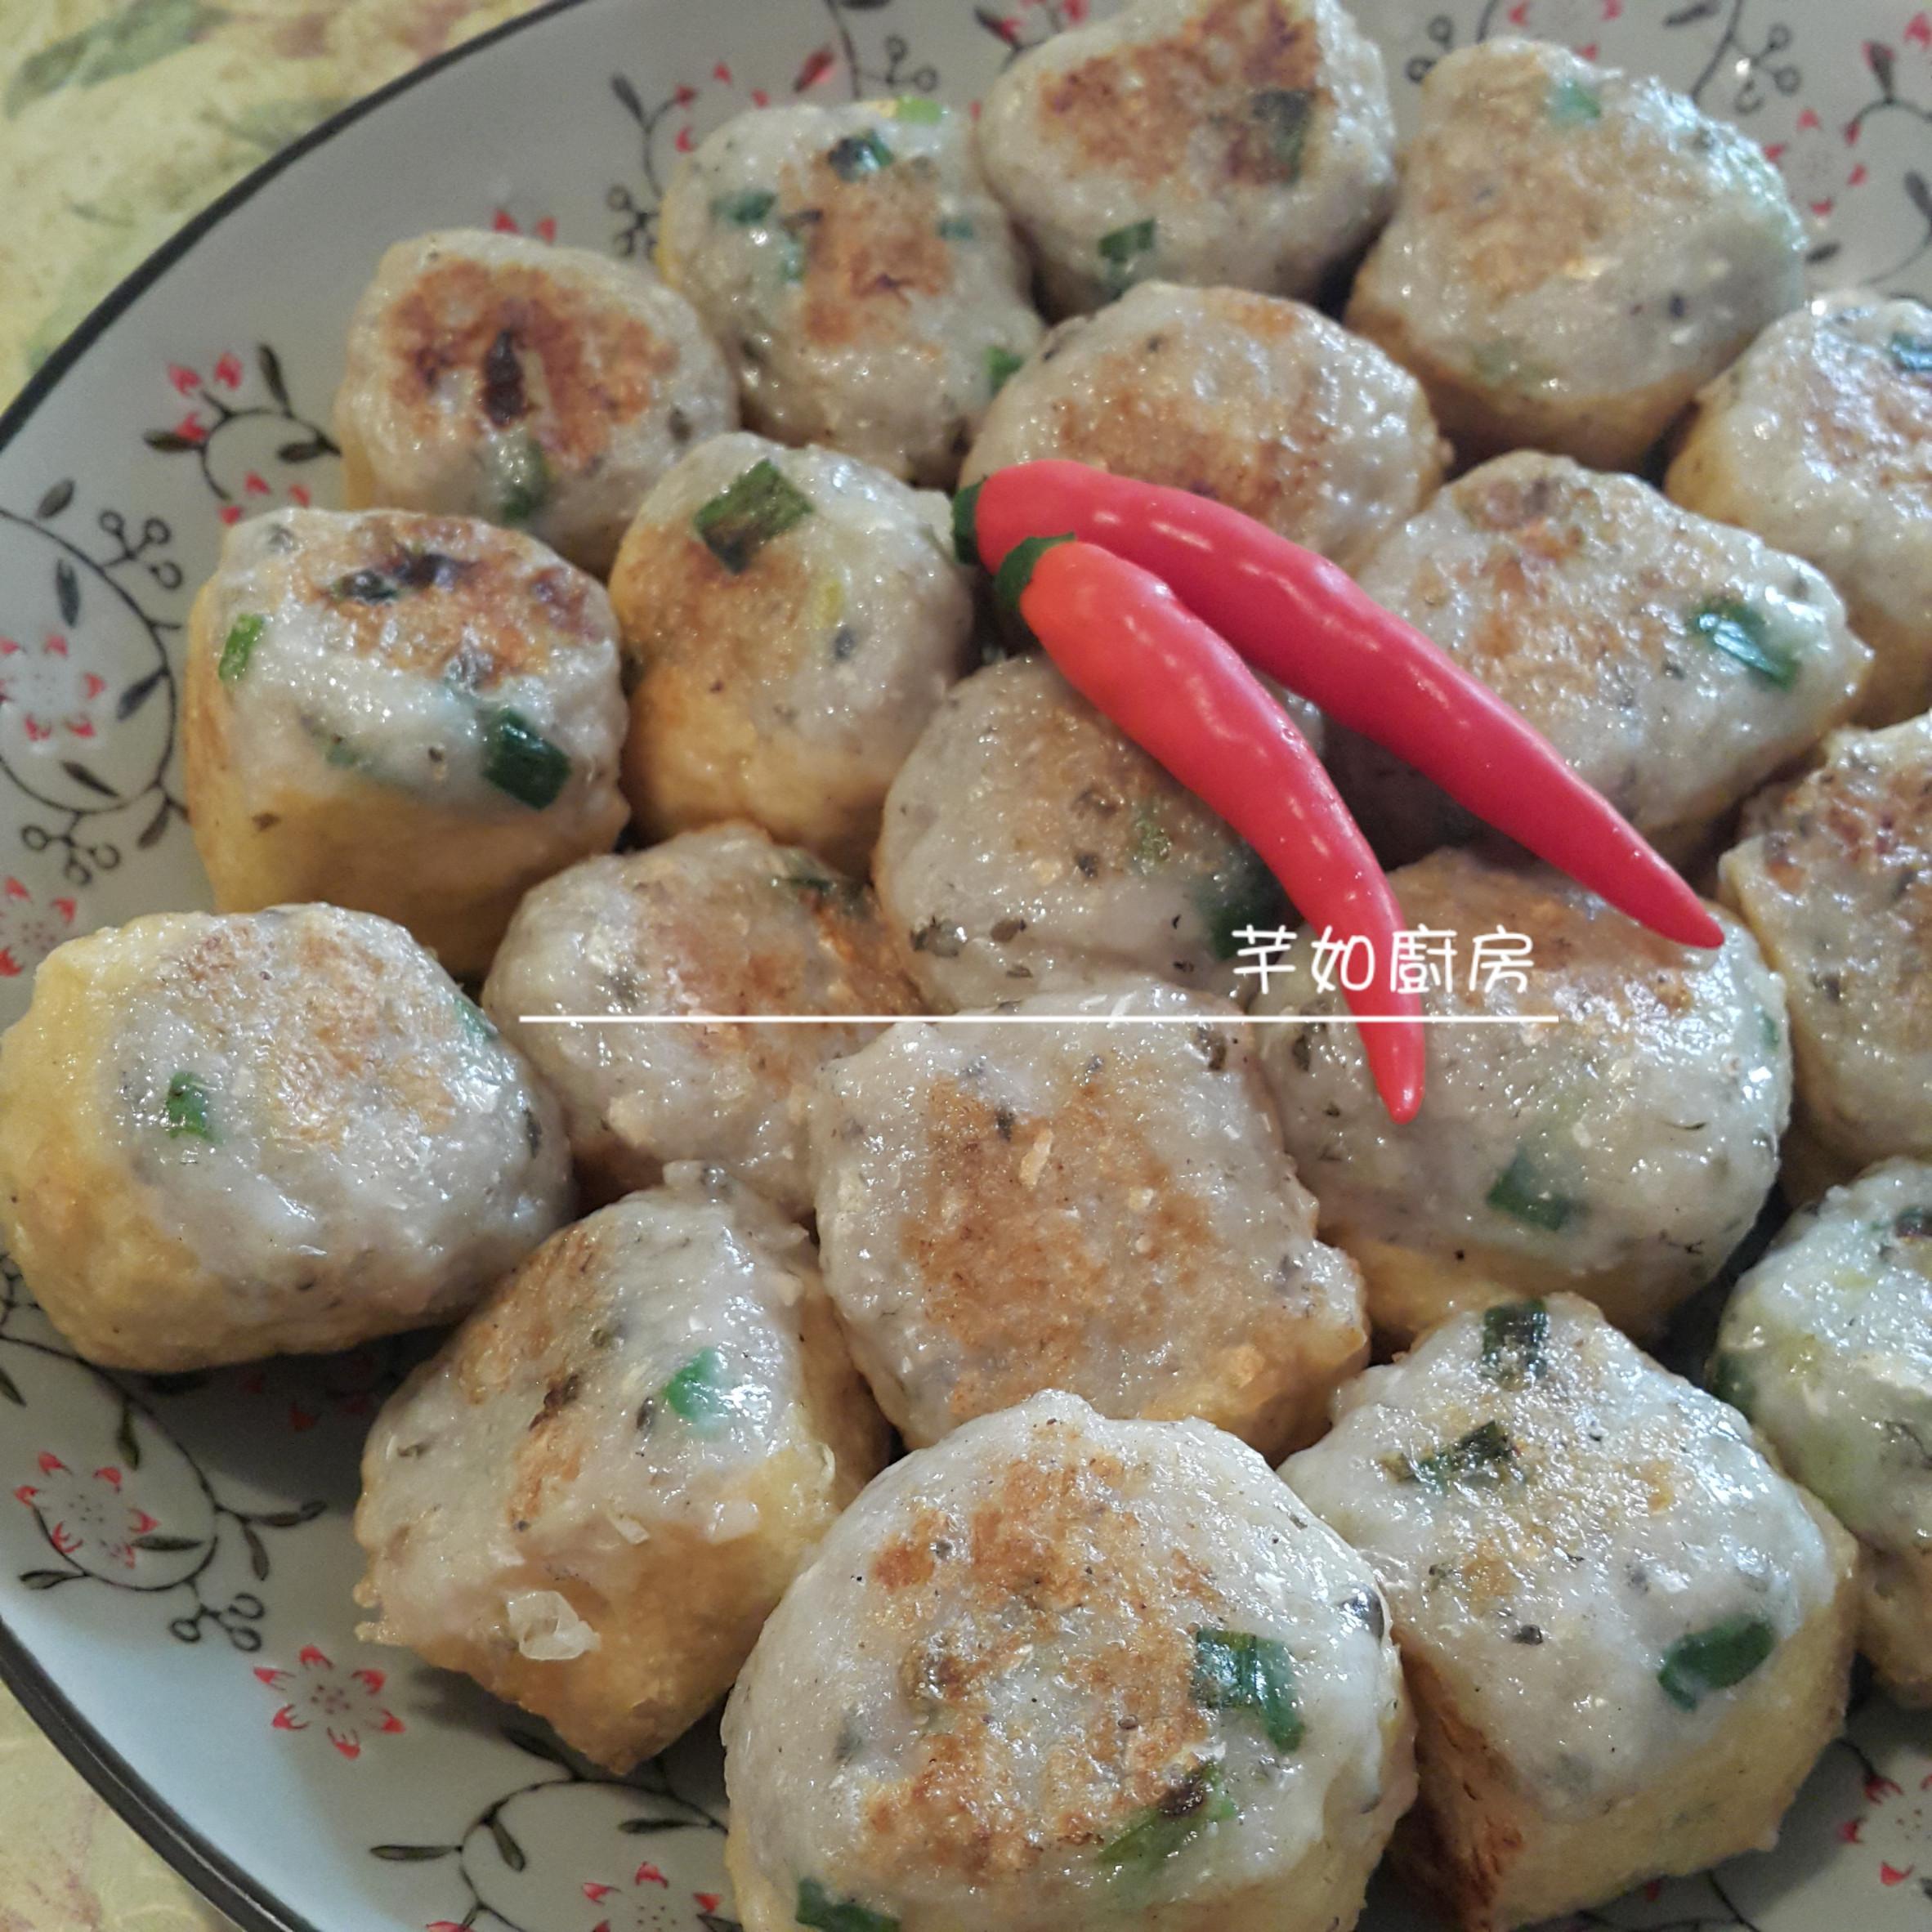 港式煎釀豆腐卜